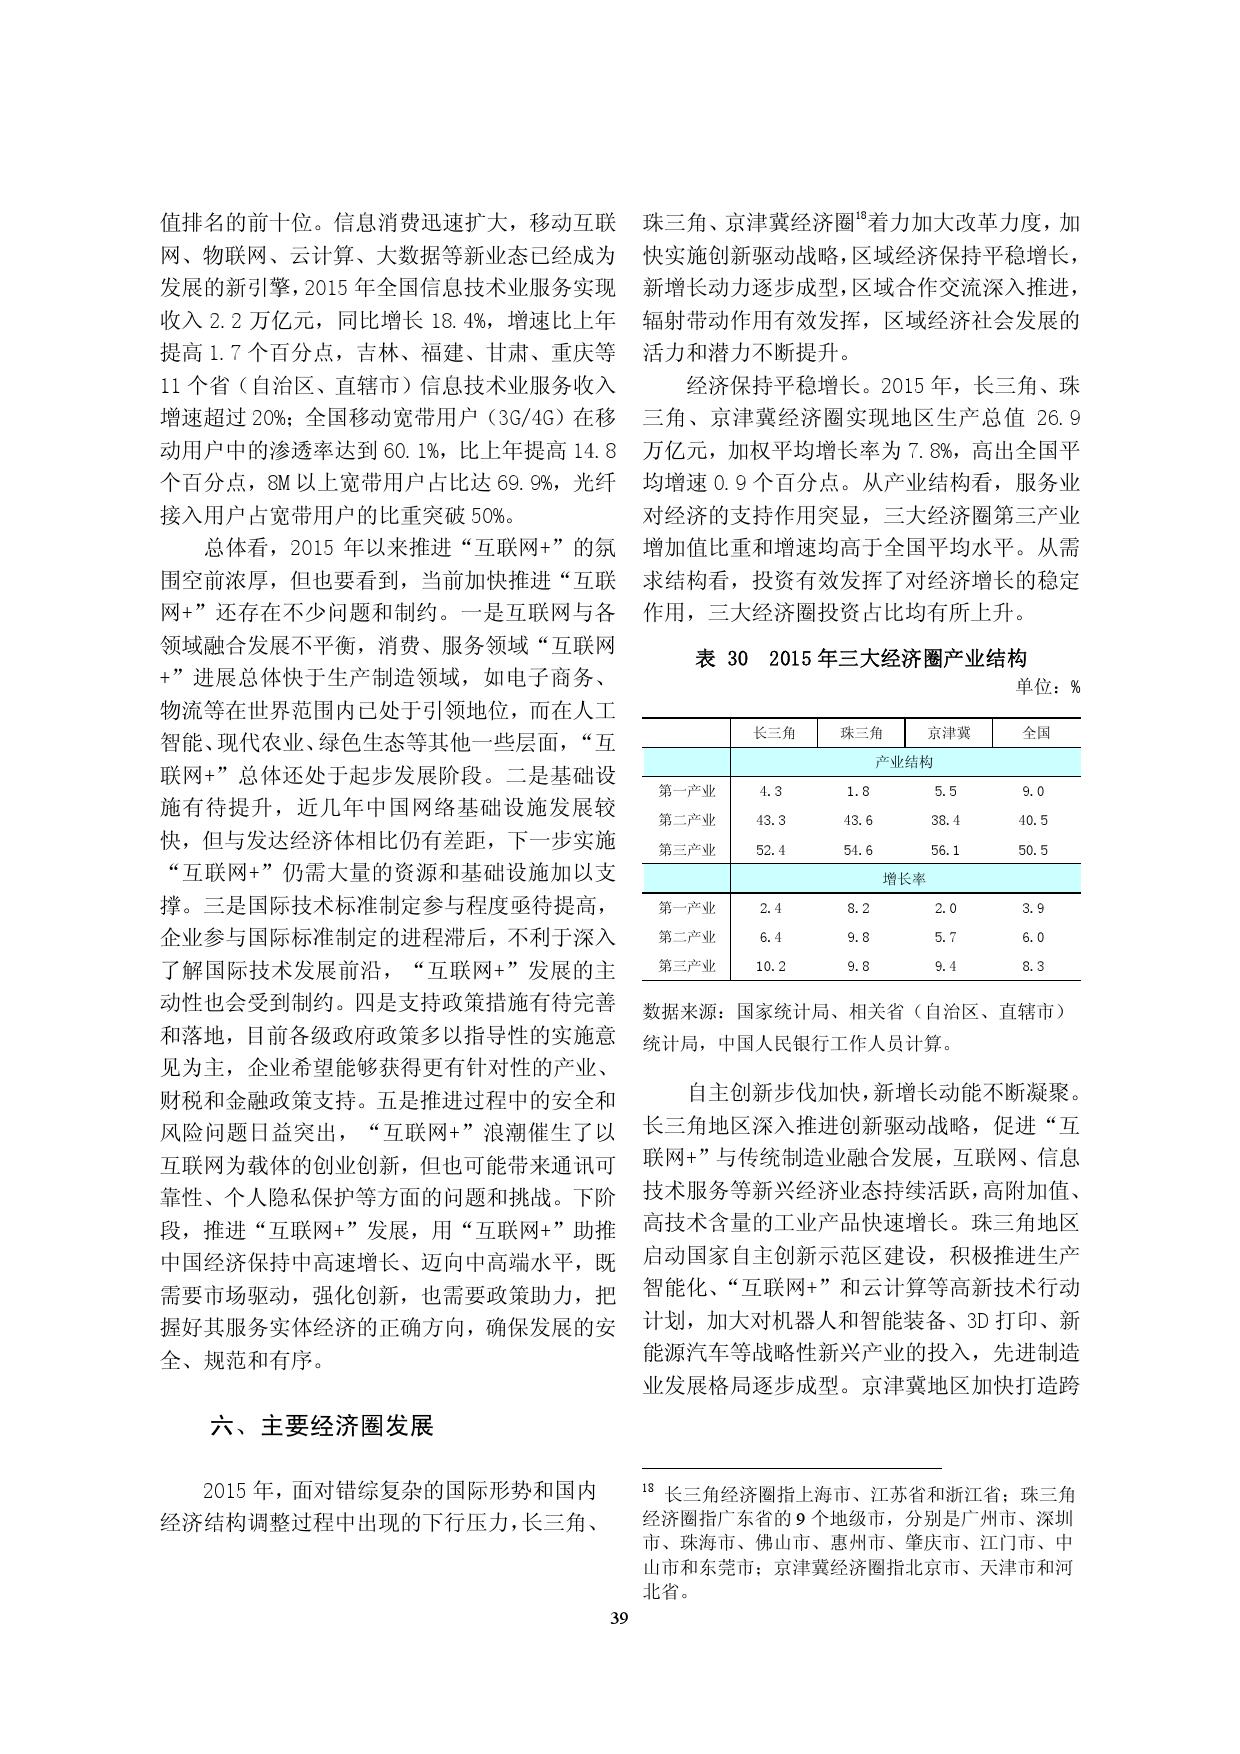 2015年中国区域金融运行报告_000042